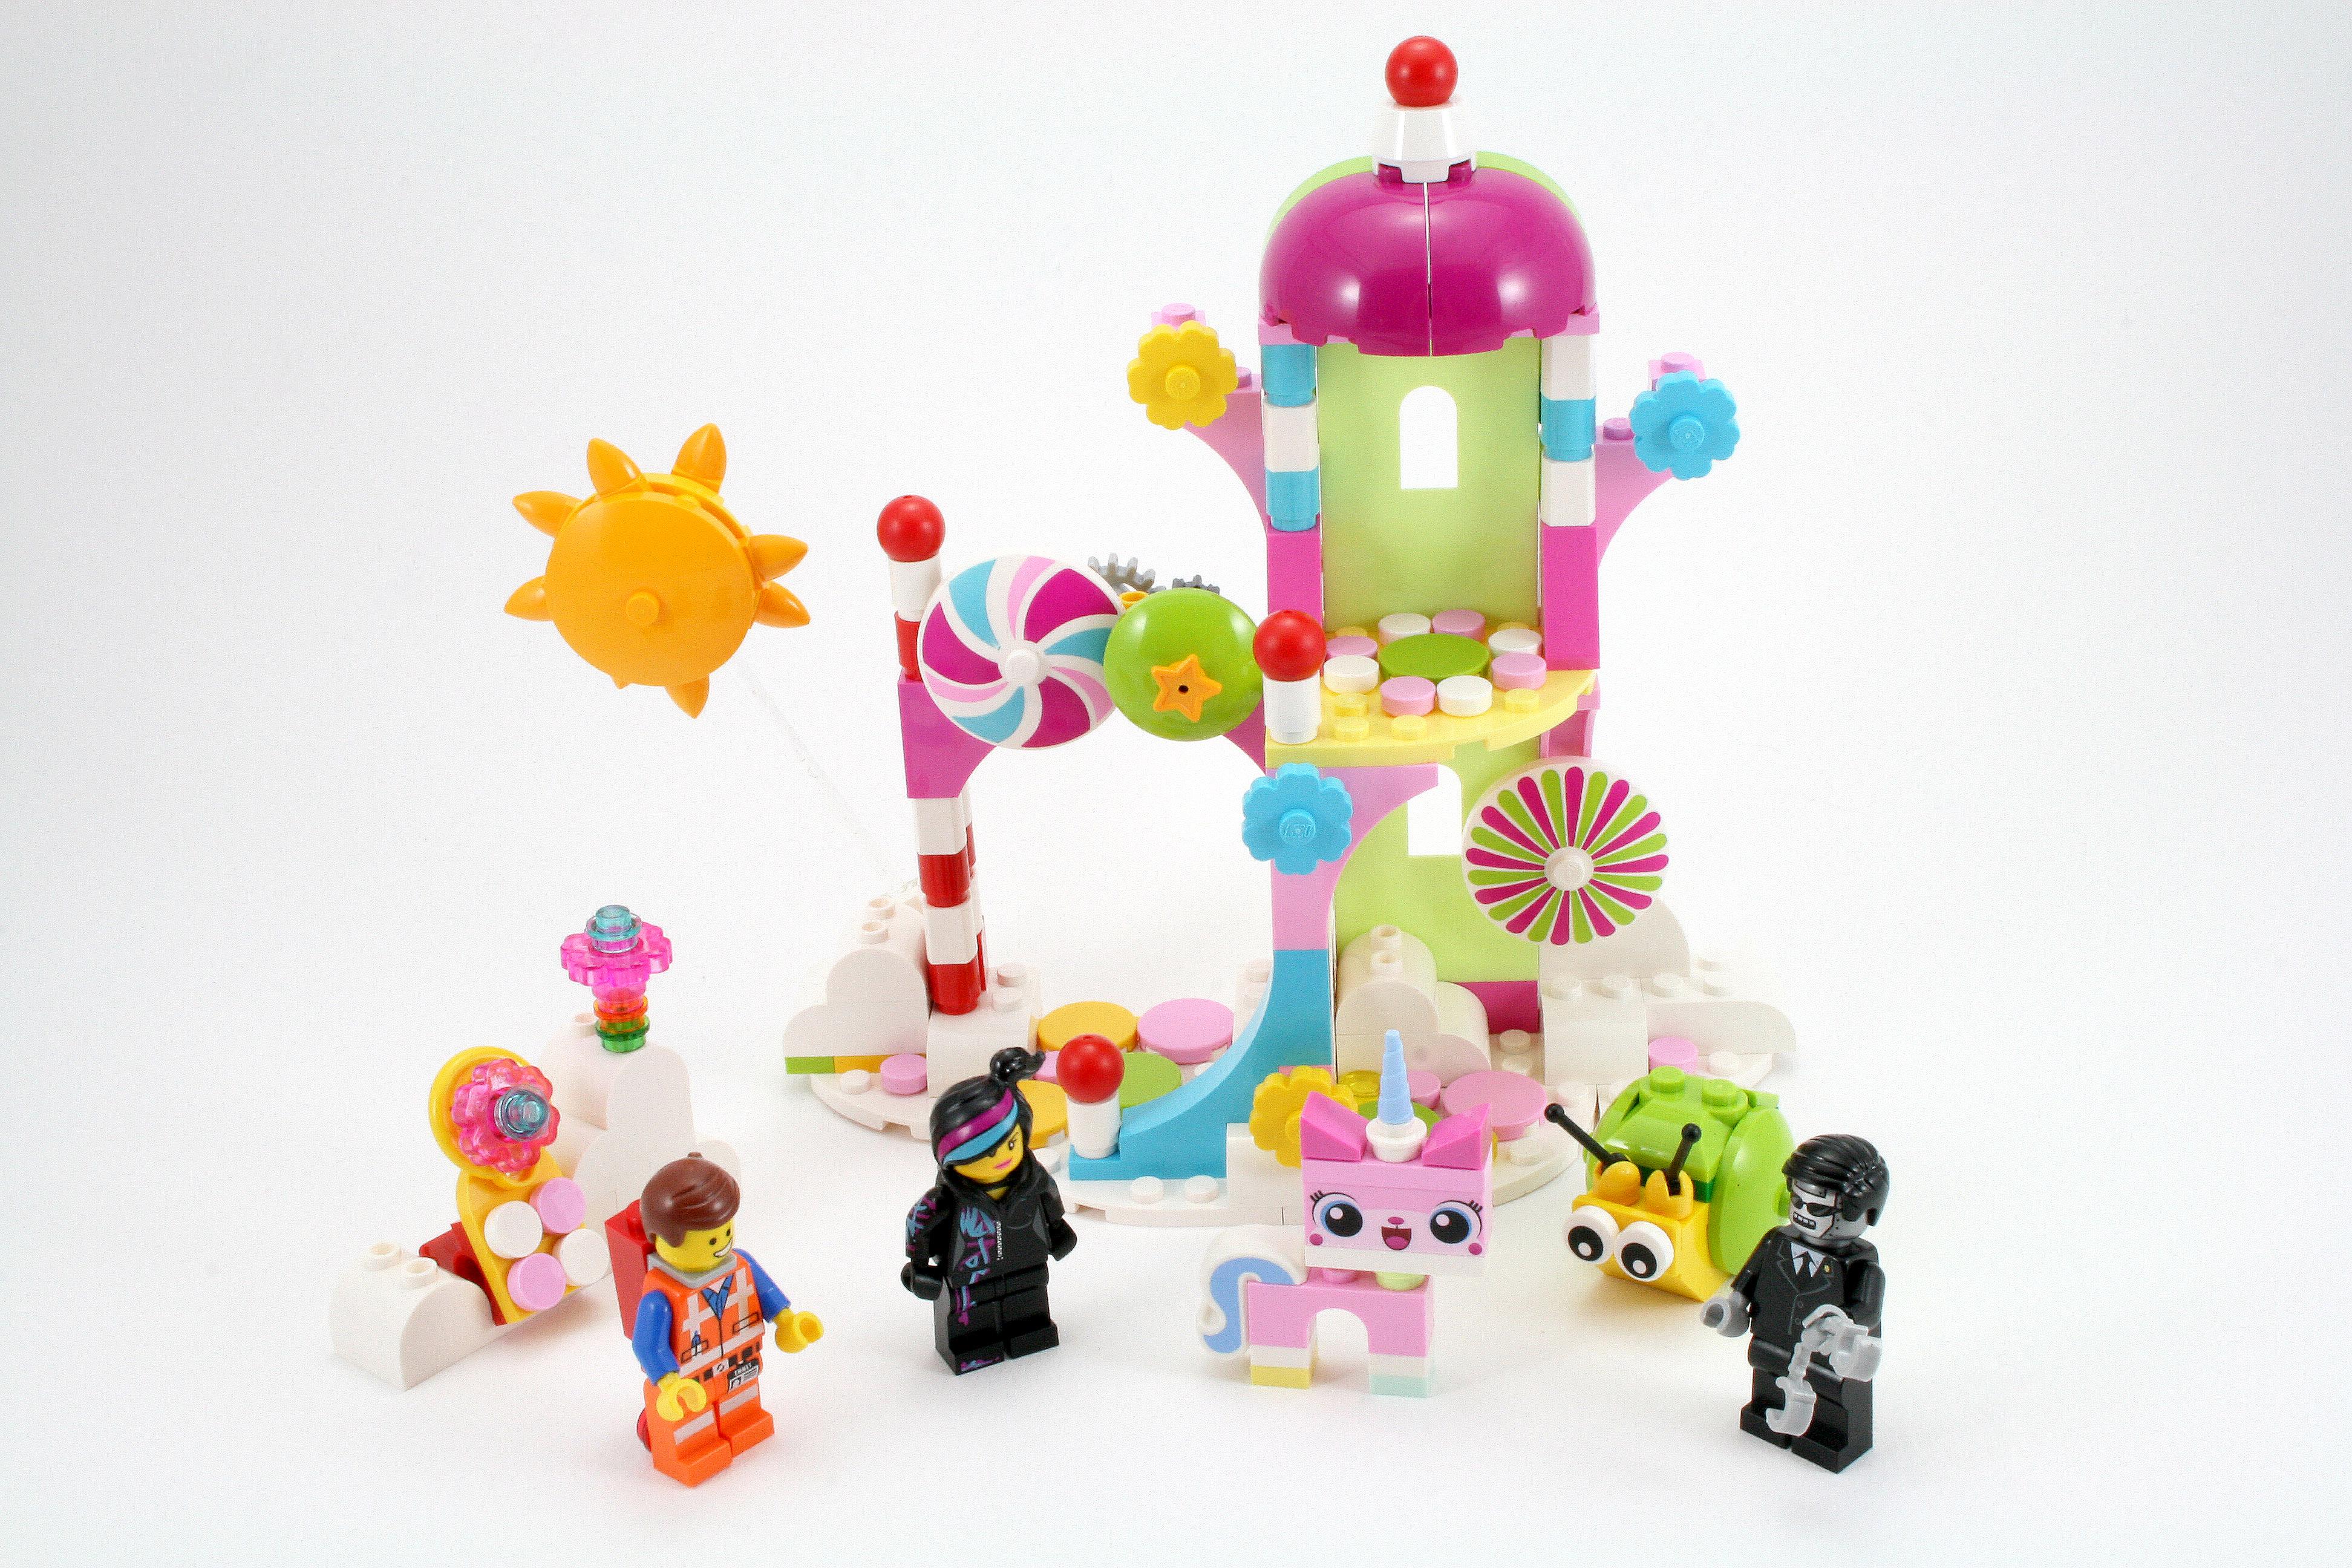 Unikitty Lego Set Review - 70803 ...